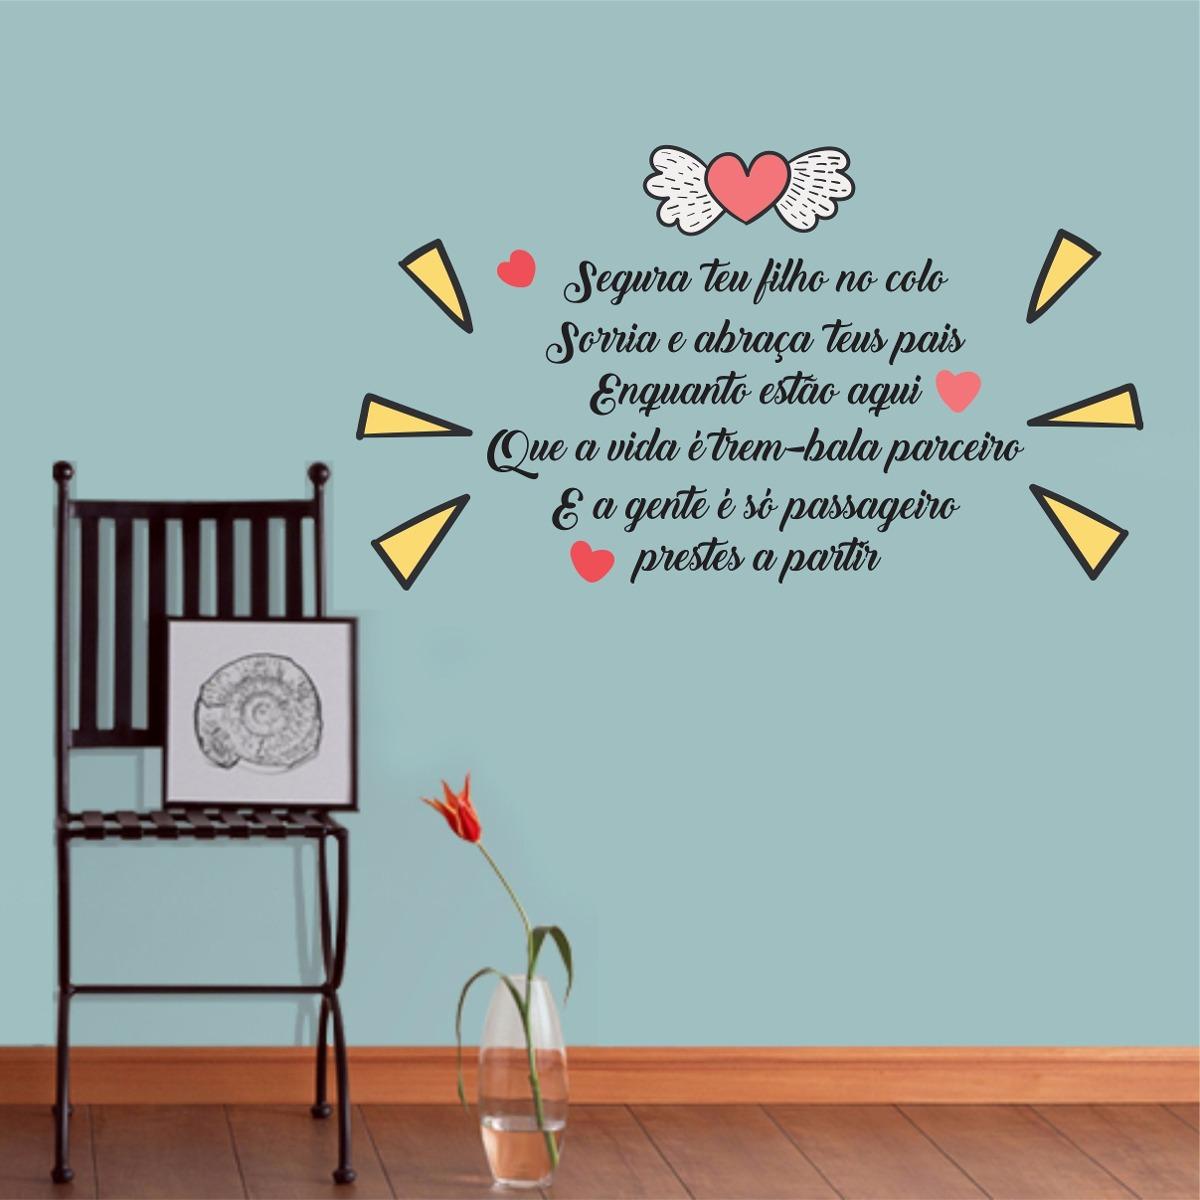 Adesivo Parede Frase Coração Trem Bala Música Filho Amor R 4990